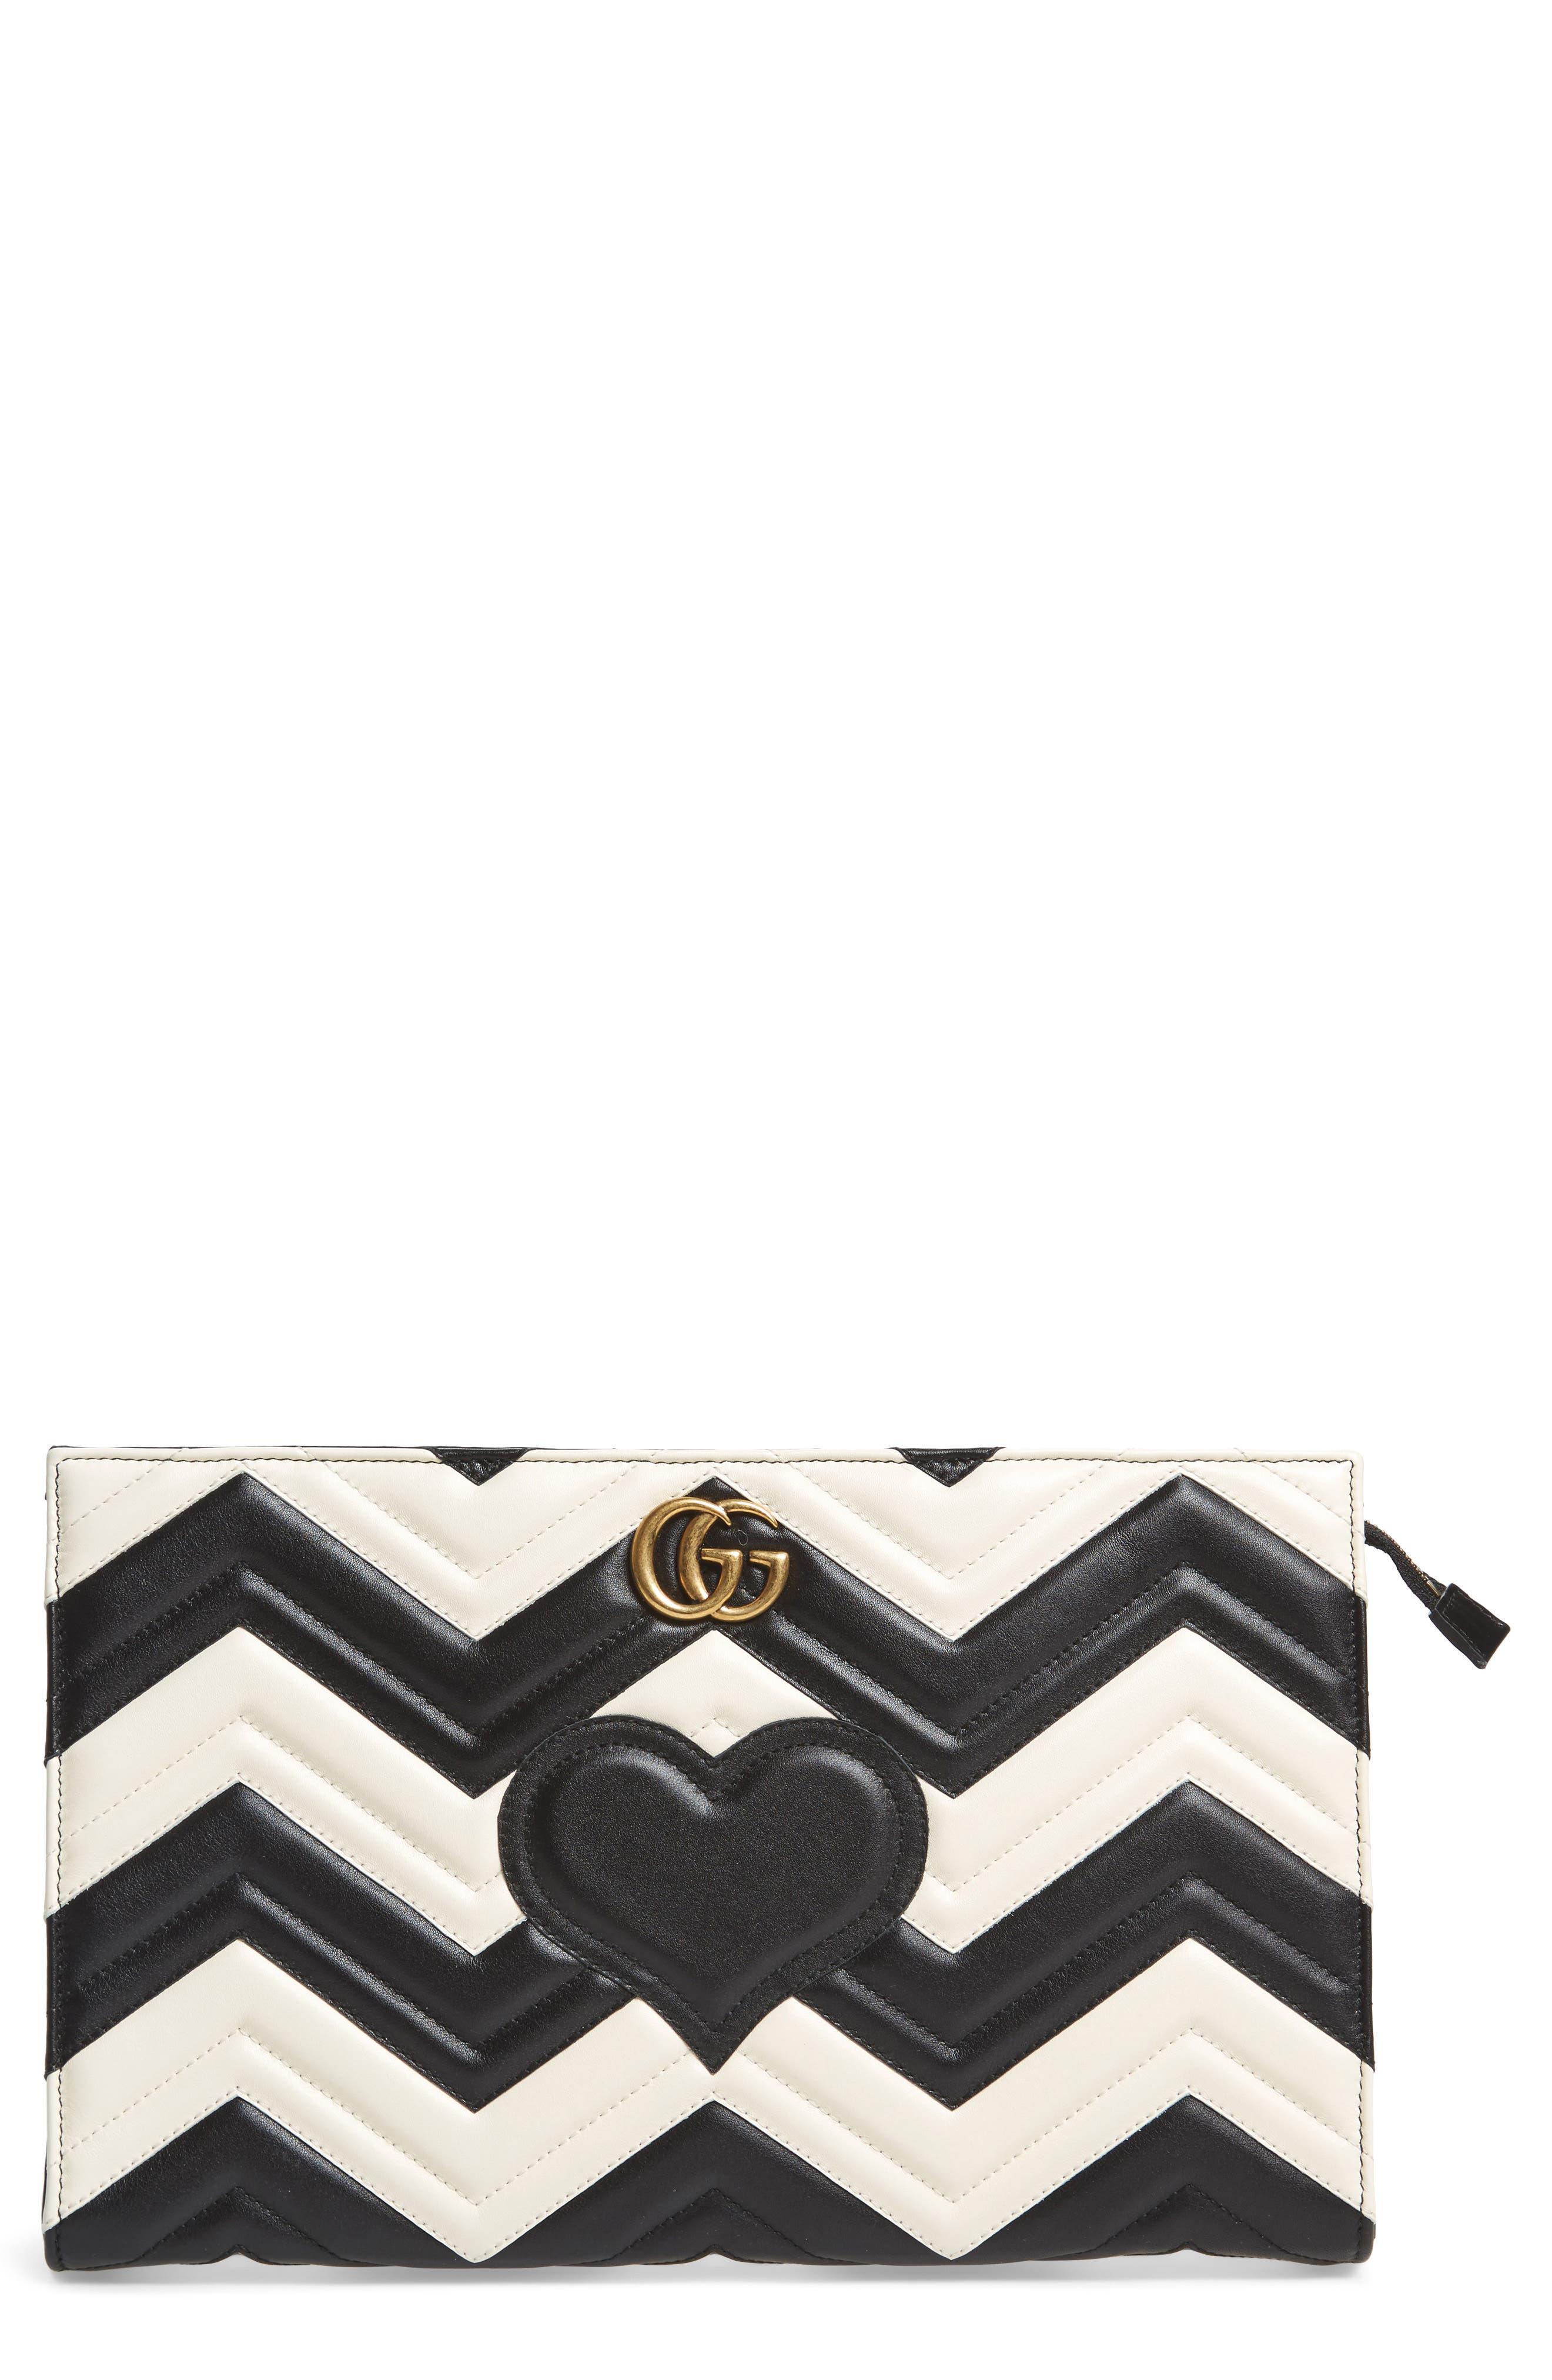 Main Image - Gucci GG Marmont Matelassé Leather Clutch